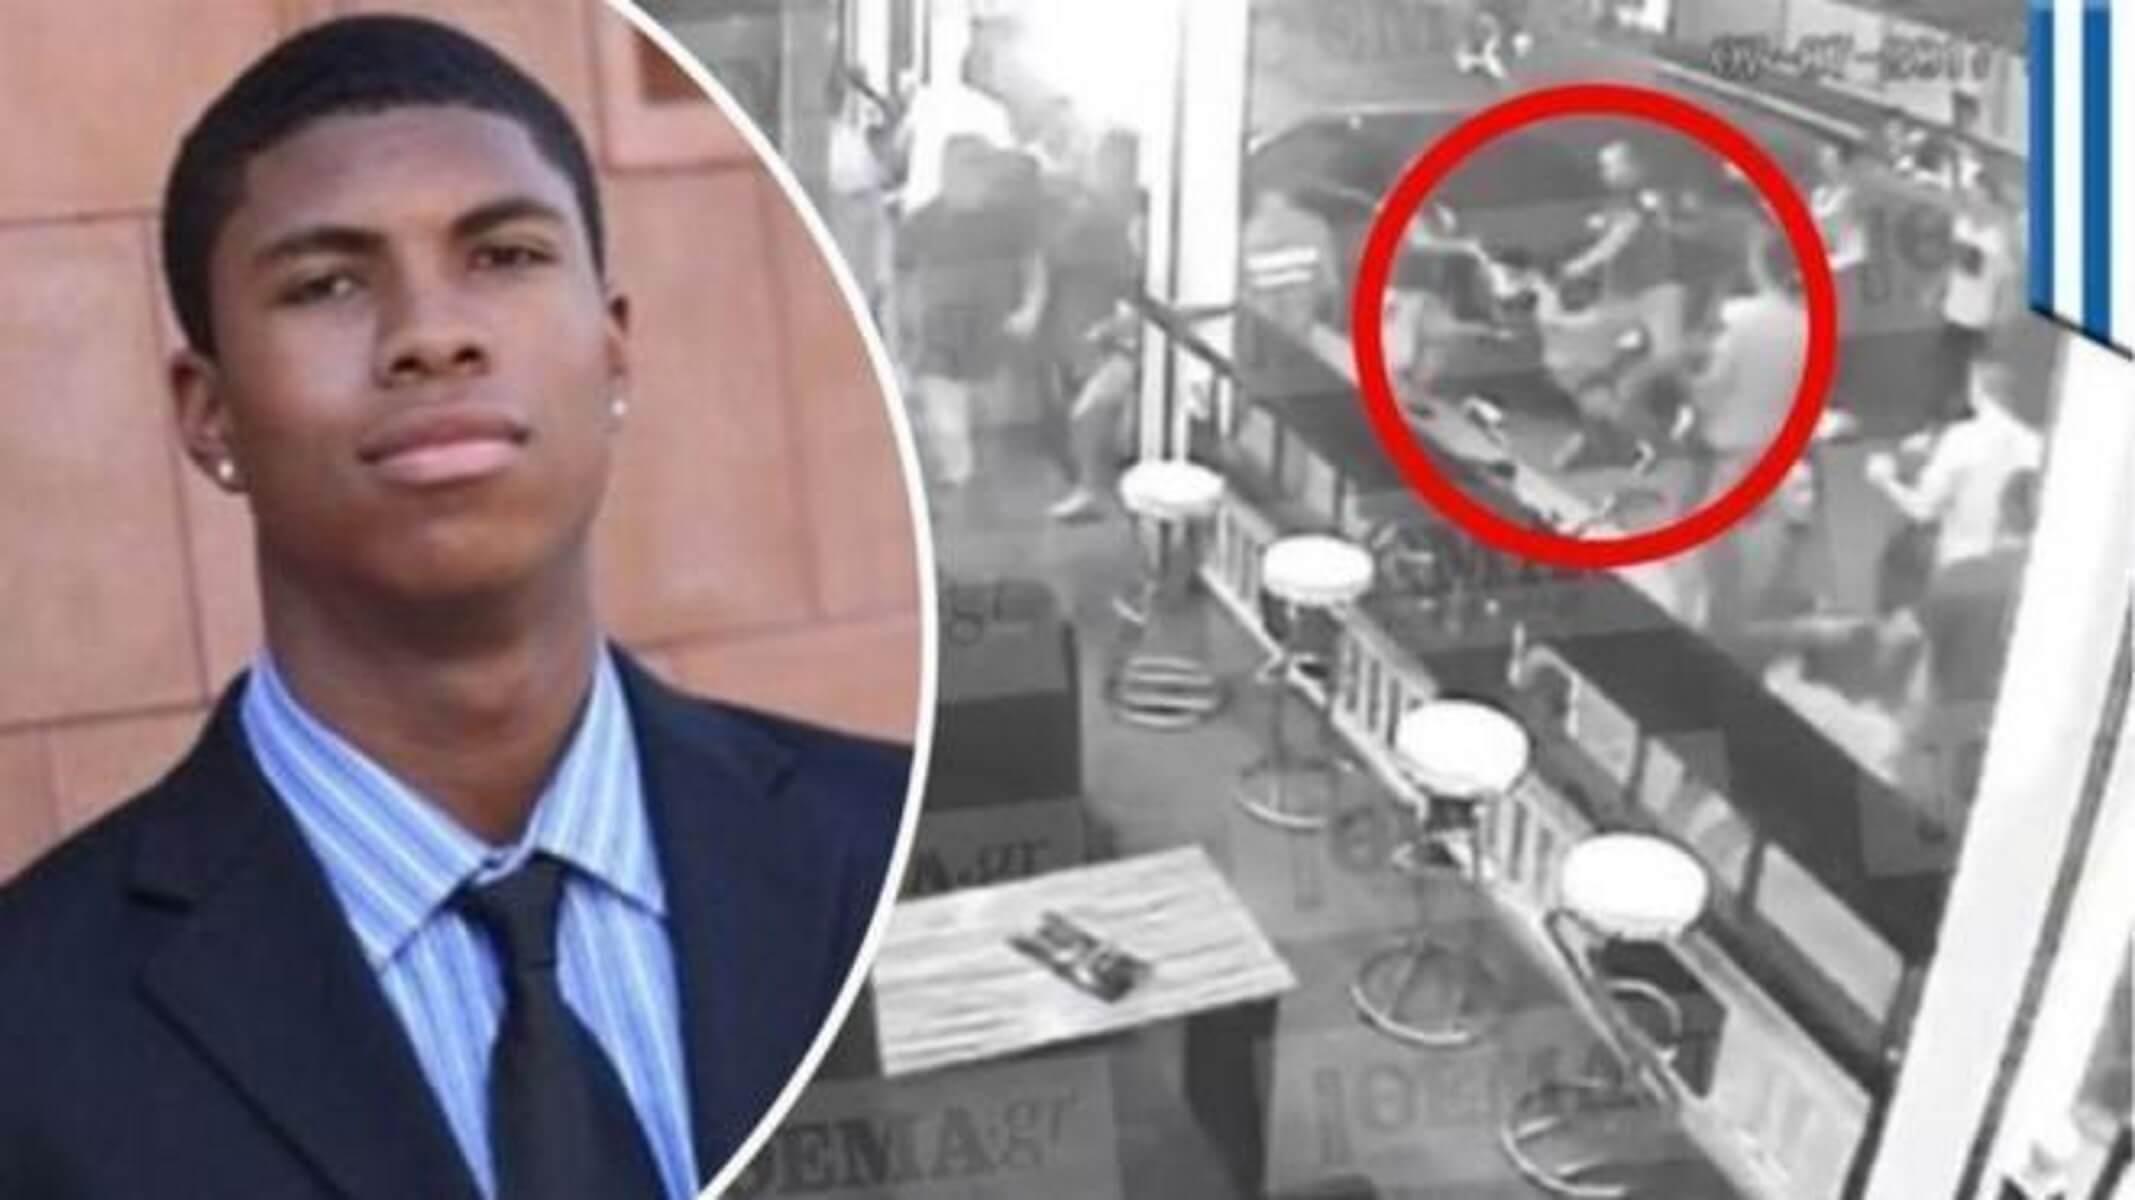 Ξανά στο σκαμνί για τη δολοφονία Μπακαρί